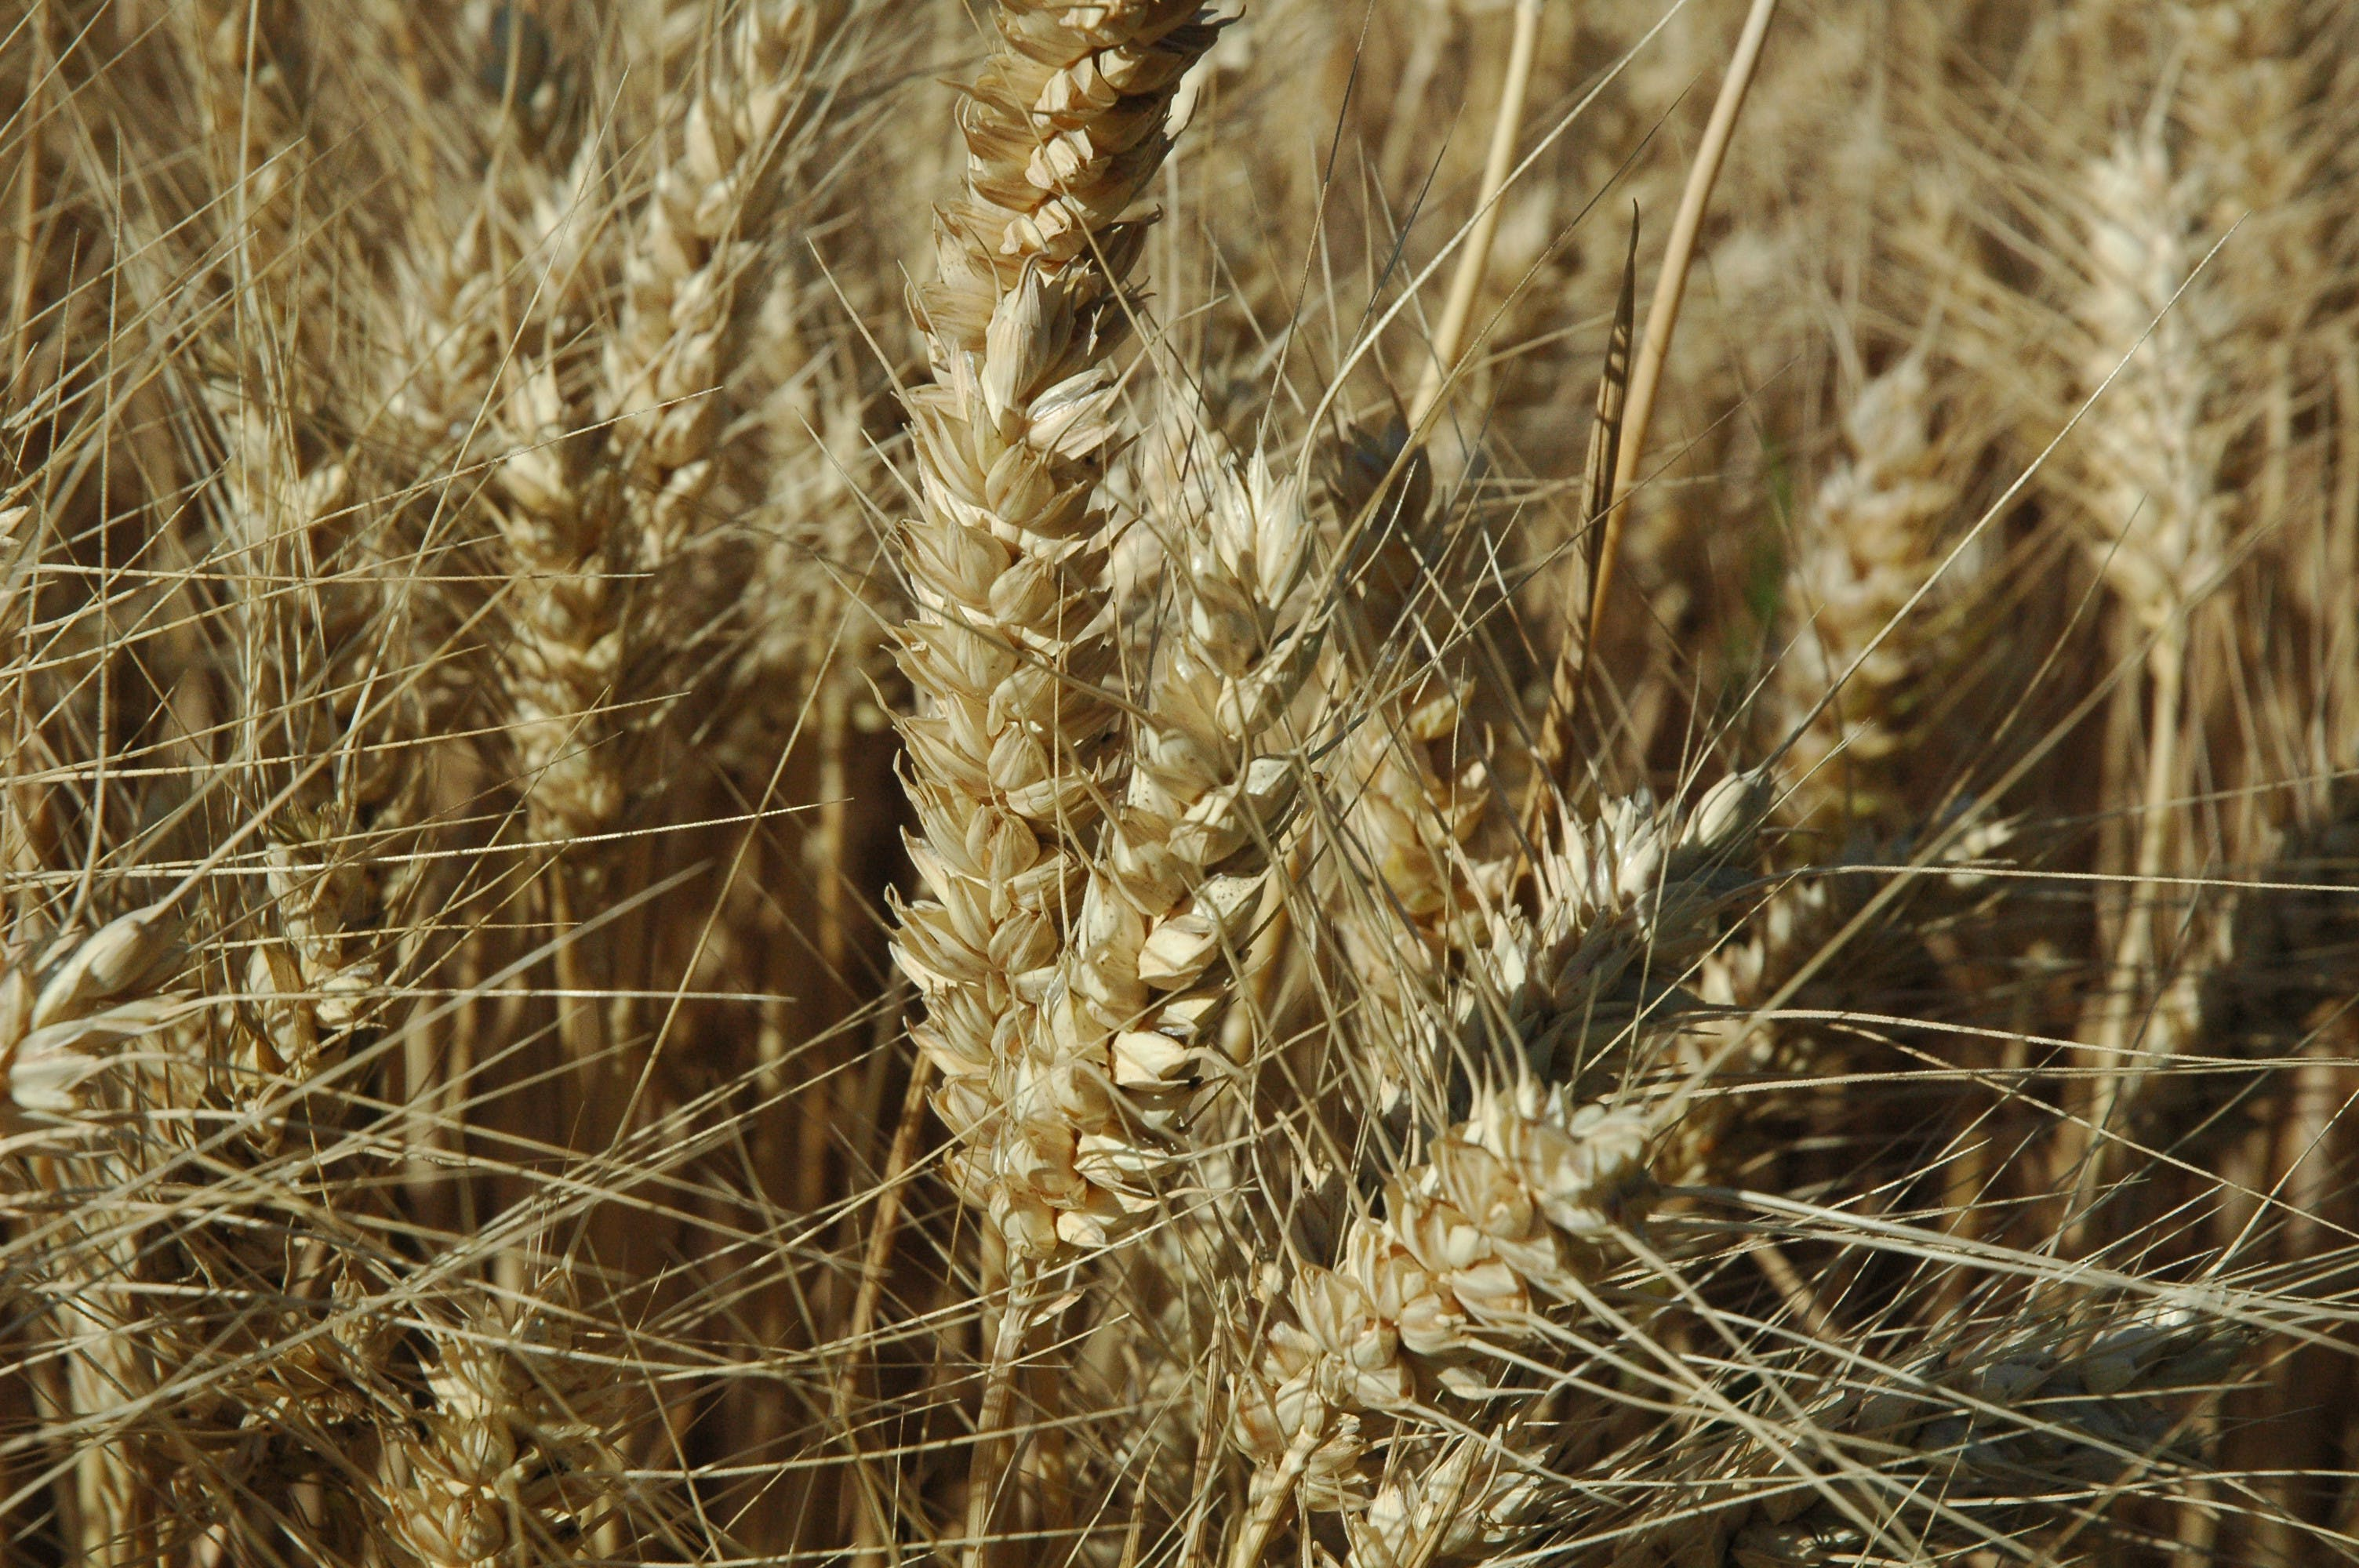 Gratis arkivbilde med hvete, øre